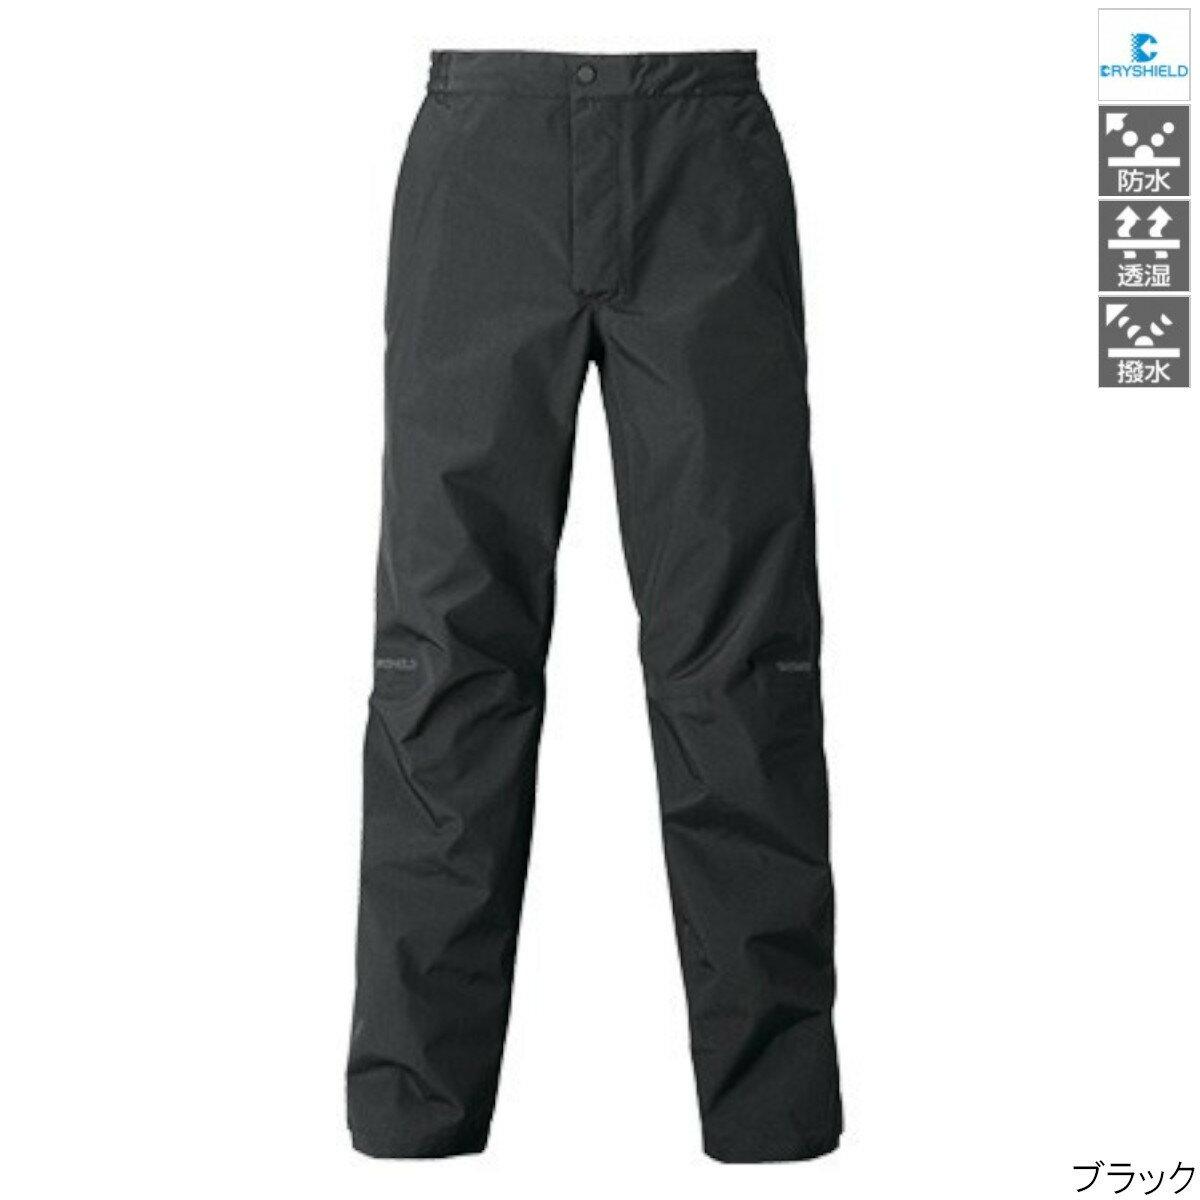 DSエクスプローラーレインパンツ RA-04PT Ls ブラック シマノ【同梱不可】